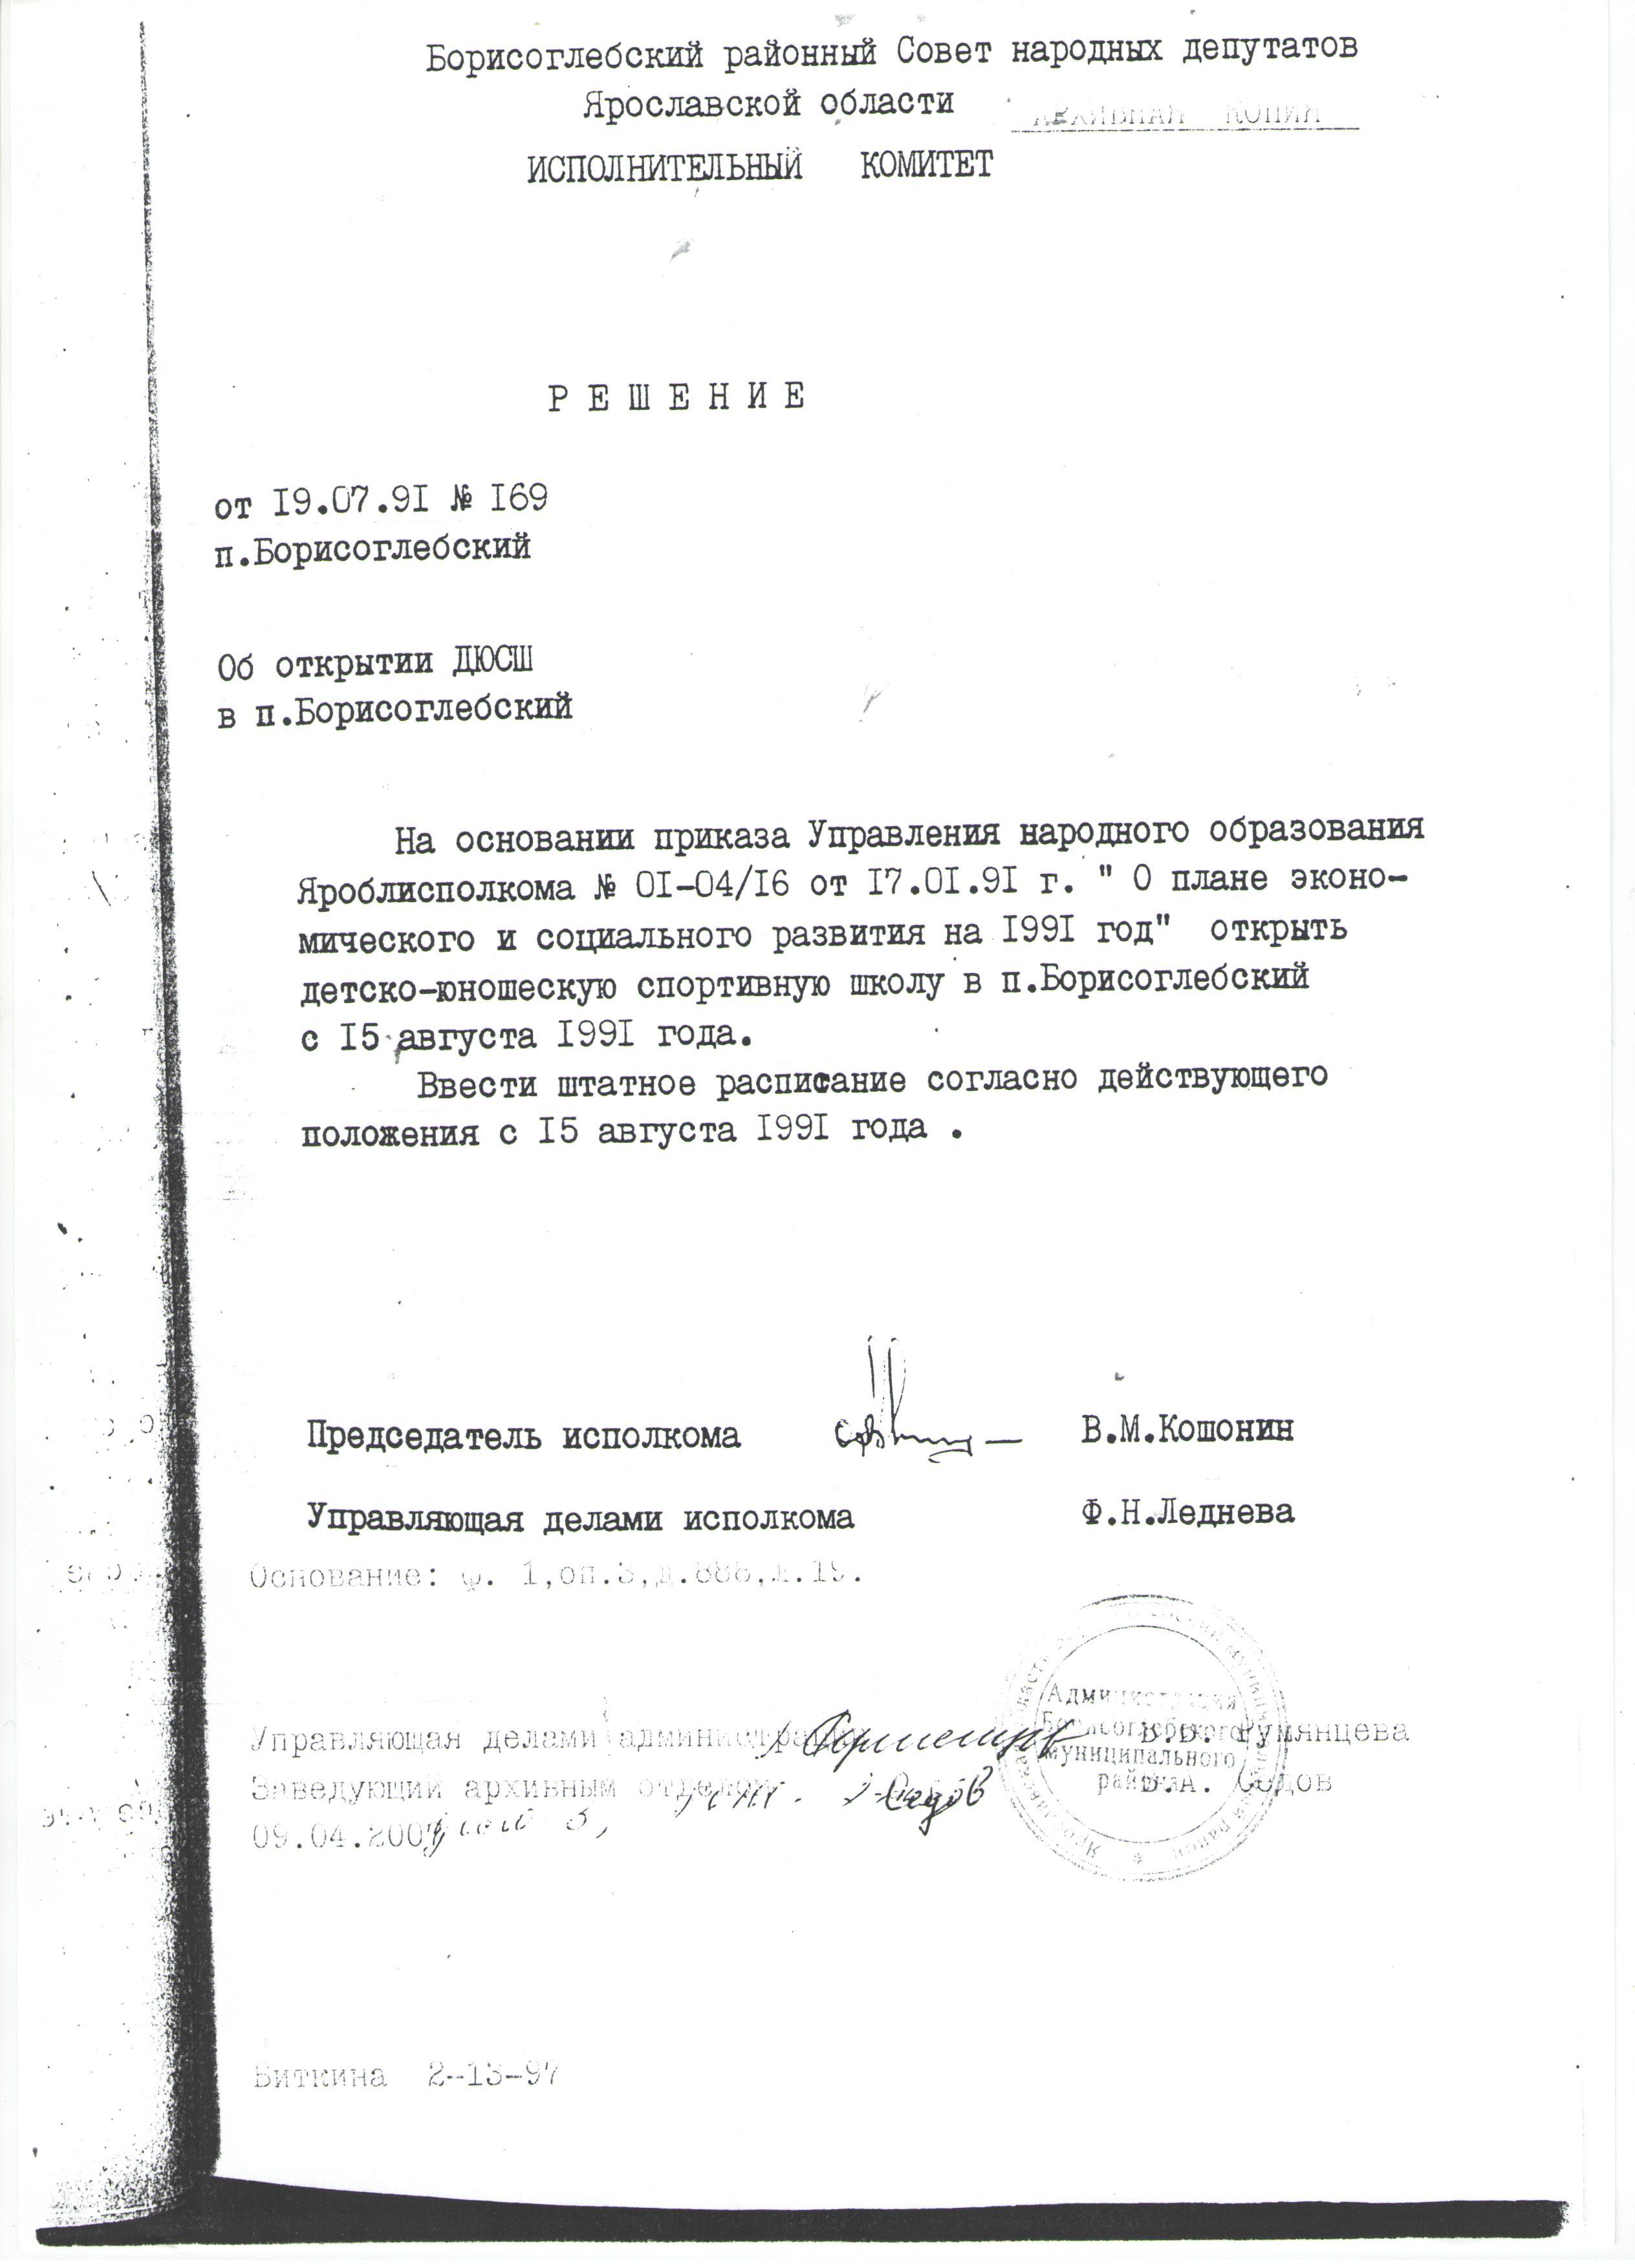 приказ об утверждении структуры бюджетного учреждения образец